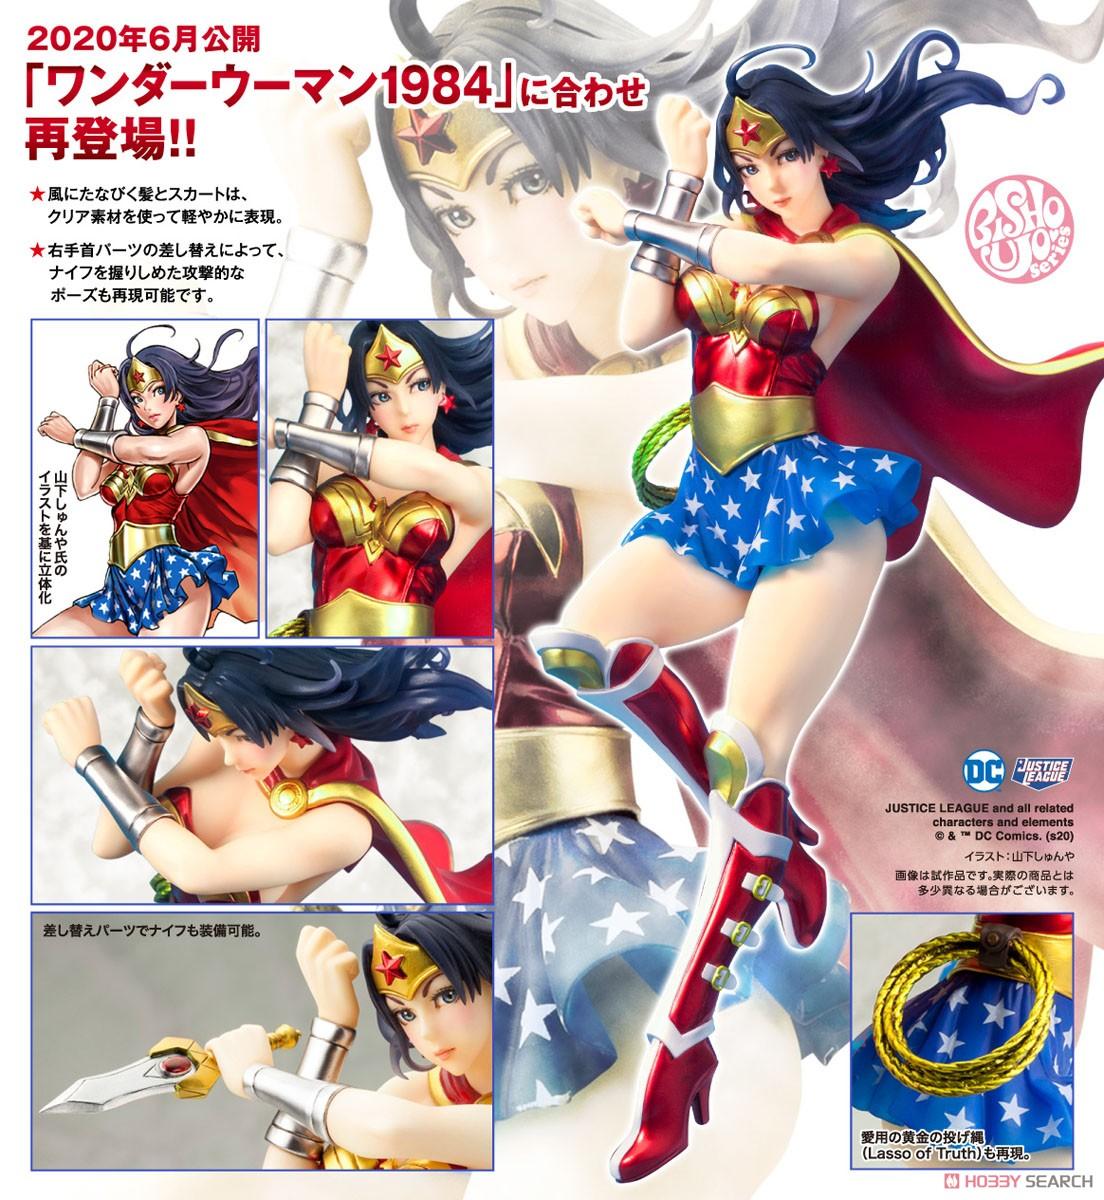 【再販】DC COMICS美少女『アーマード ワンダーウーマン 2nd Edition』DC UNIVERSE 1/7 完成品フィギュア-012